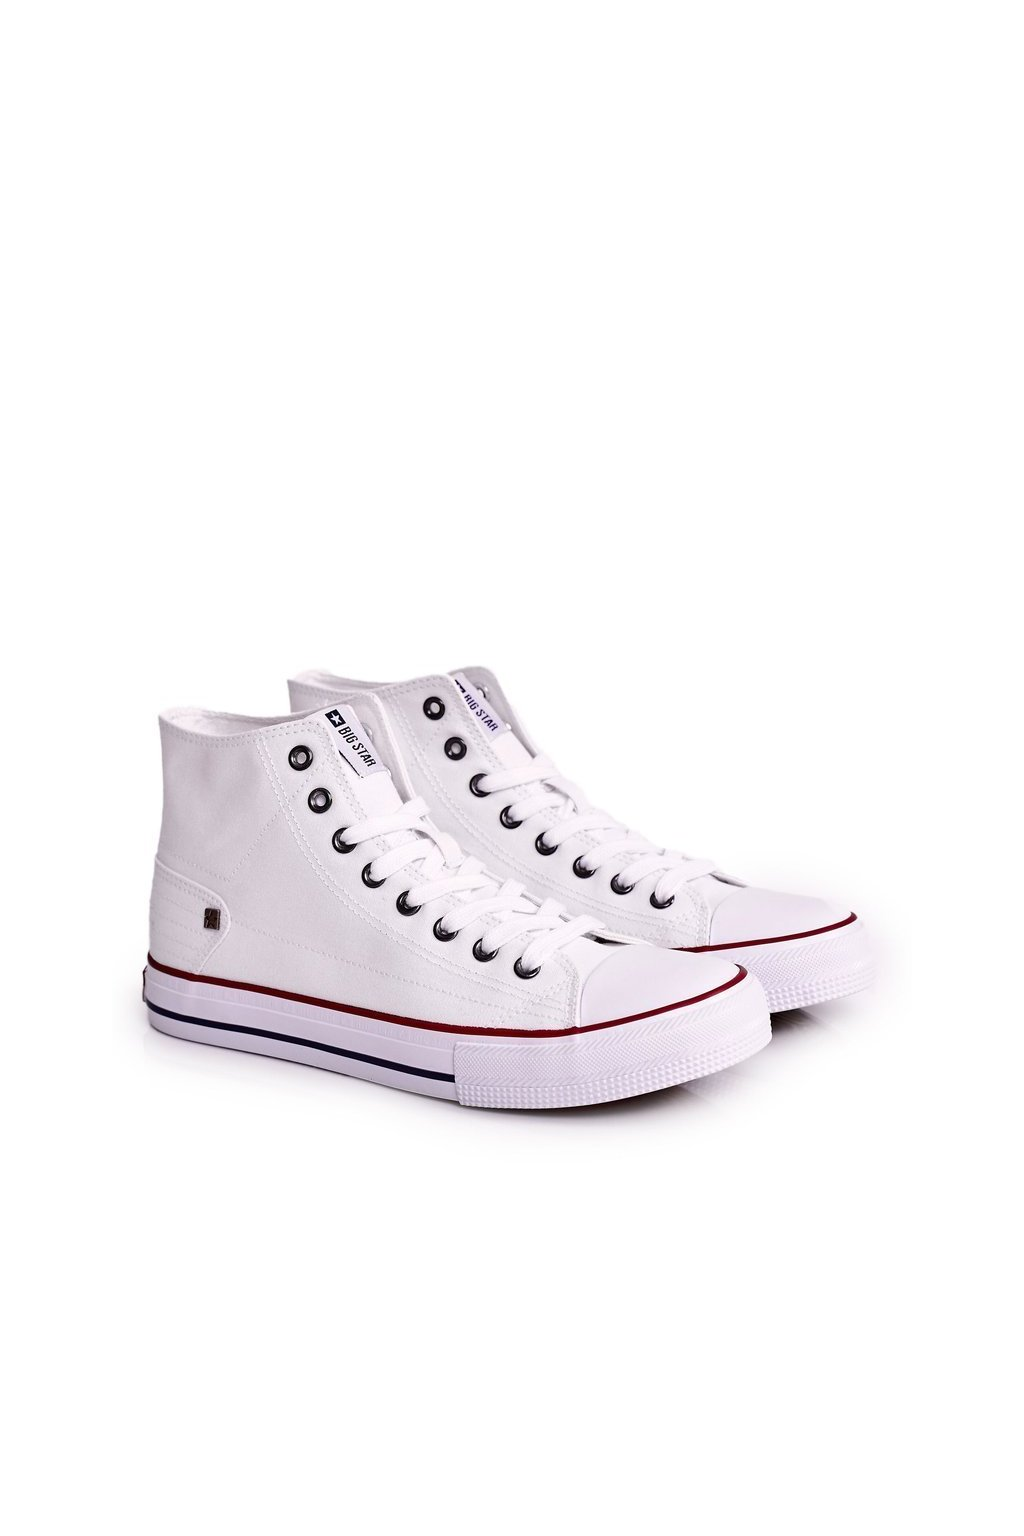 Biela obuv kód topánok DD174251 WHITE